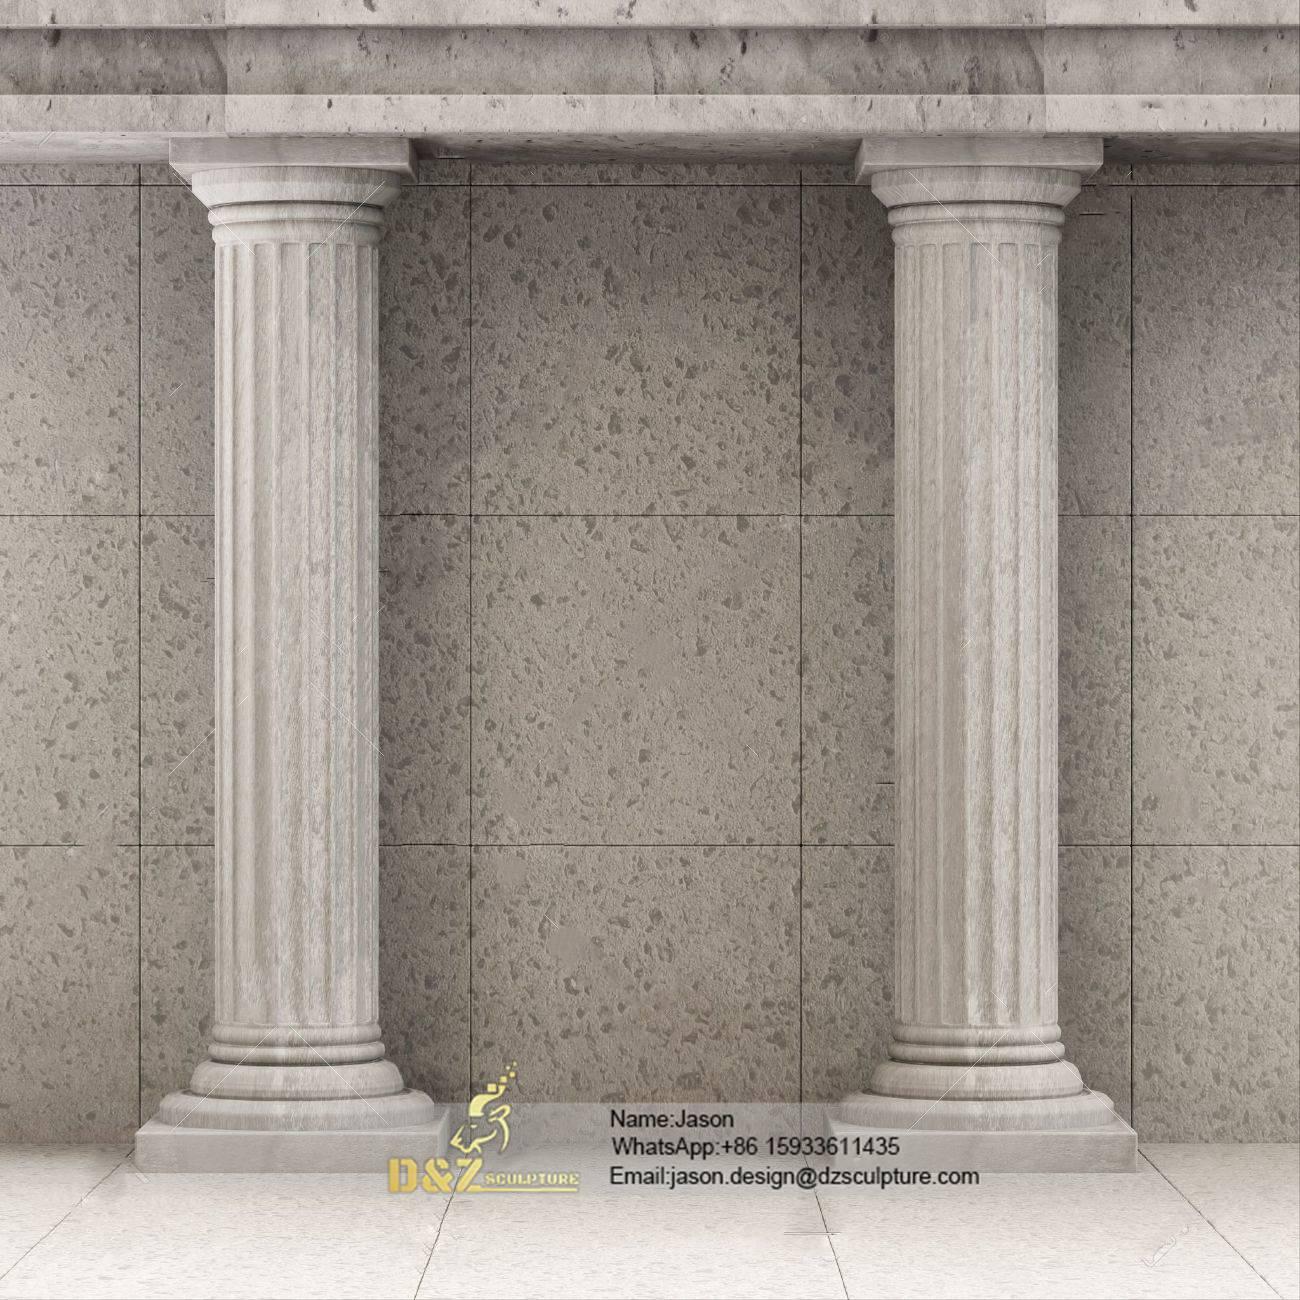 The pillar columns